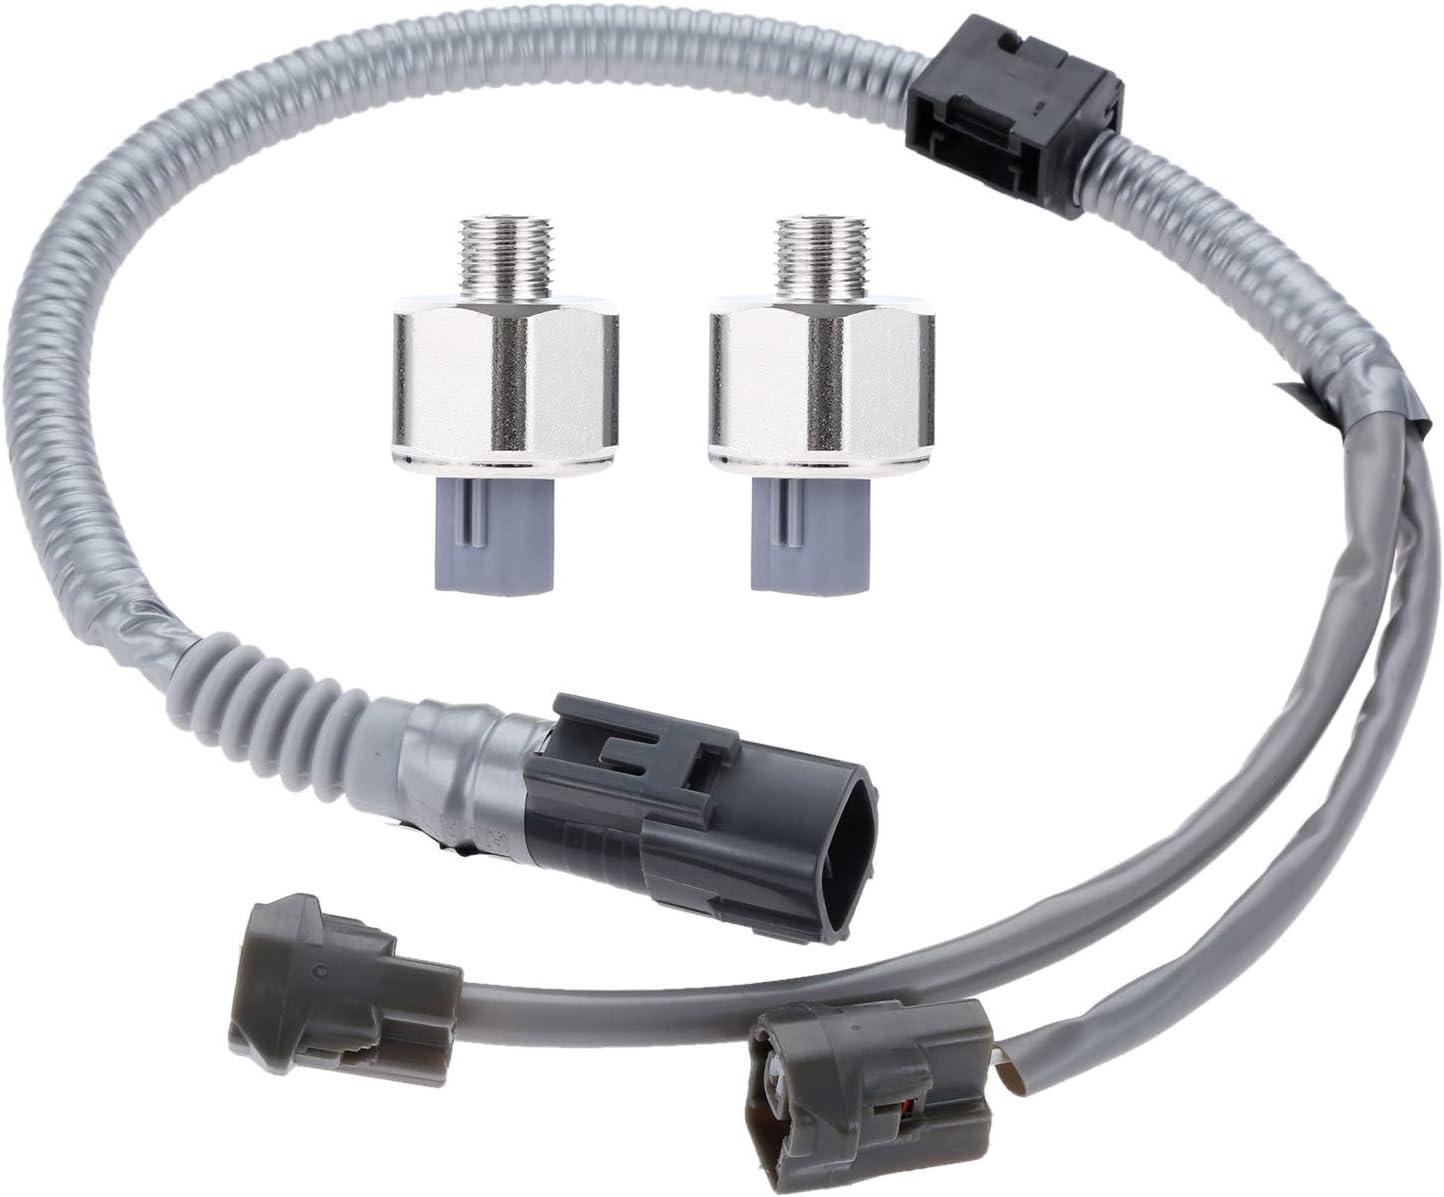 GENUINE OEM DENSO Knock Sensor 89615-12090 for TOYOTA LEXUS Camry Solara RX300